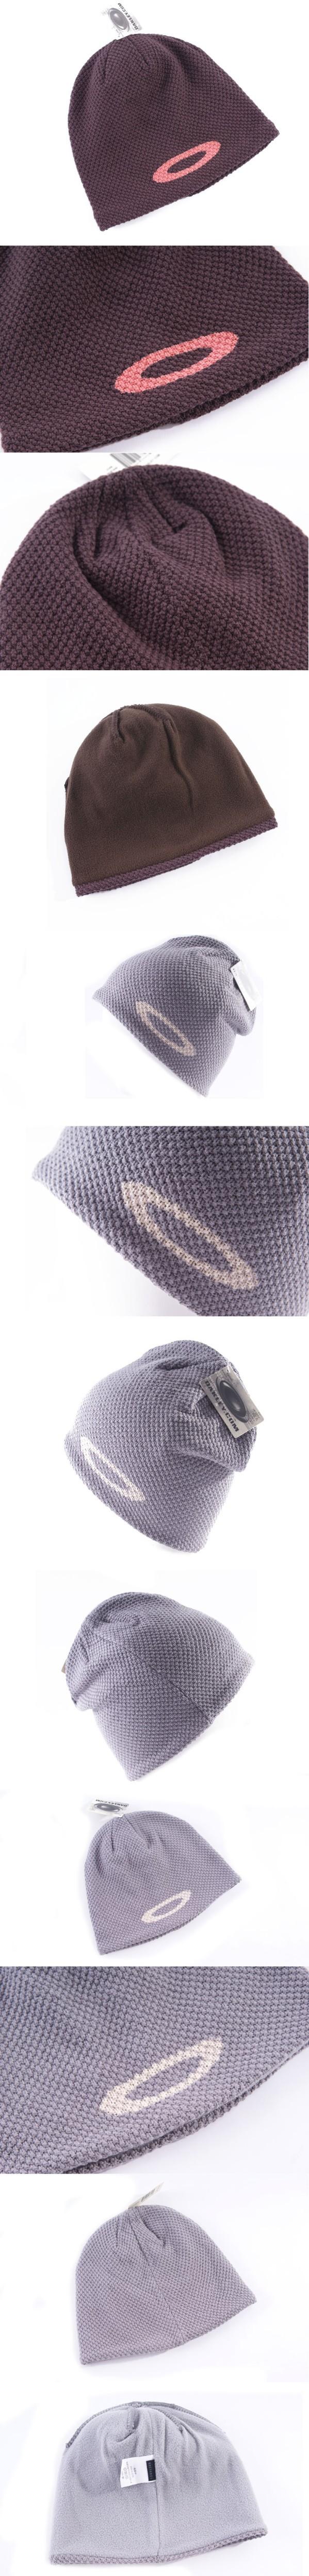 Мужская круглая шапочка без полей  444